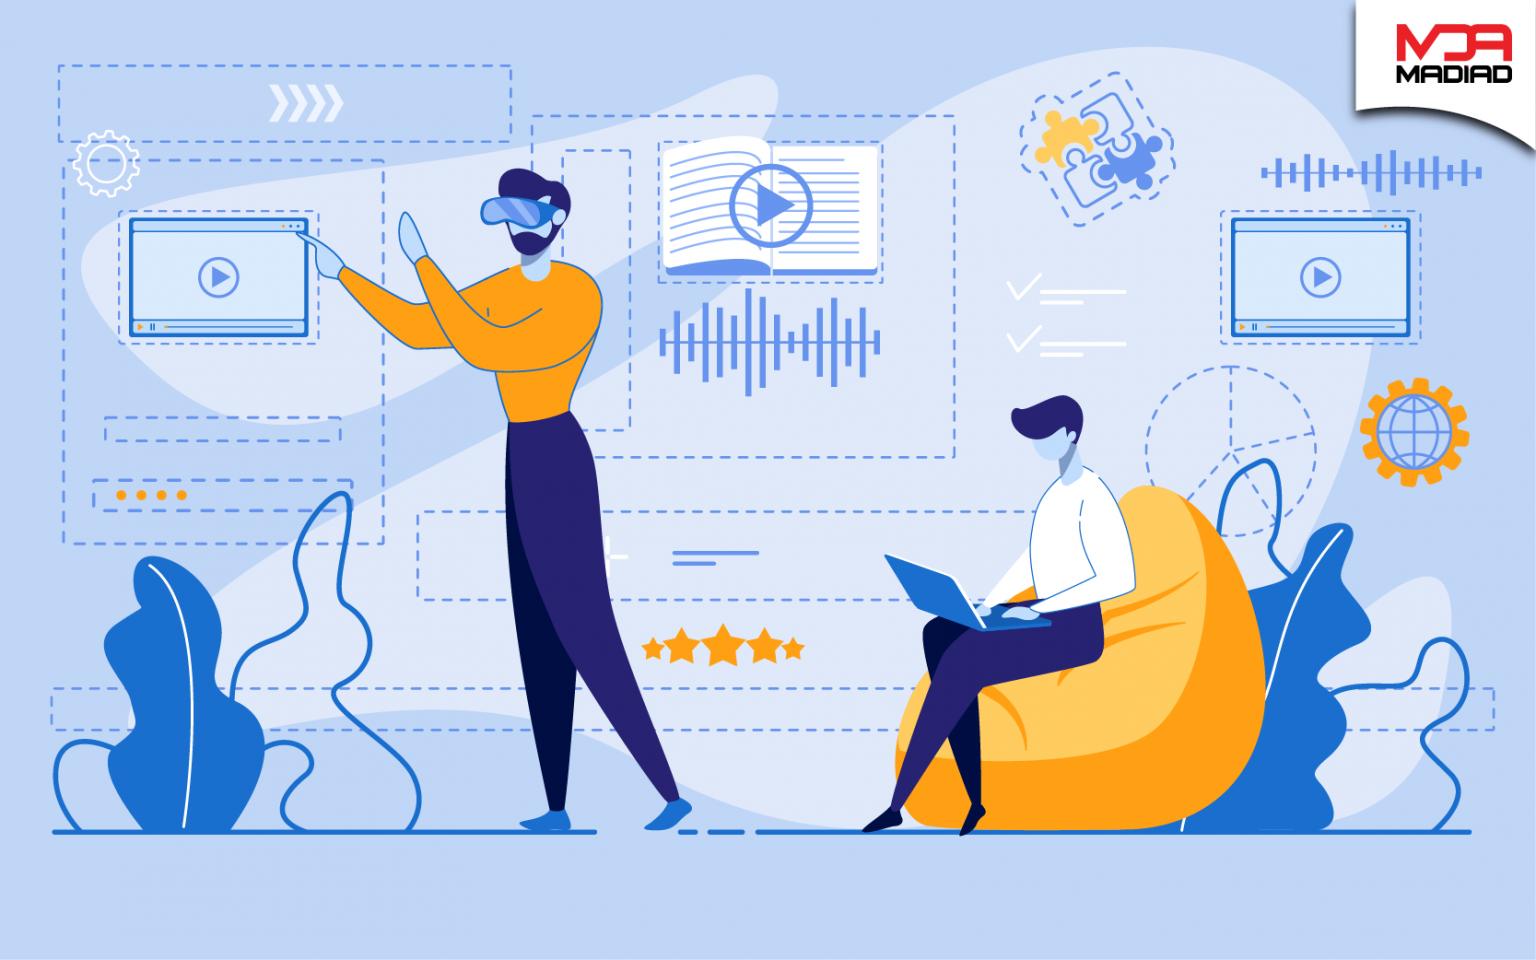 Điểm mặt 6 xu hướng Digital Marketing đáng chú ý trong năm 2020